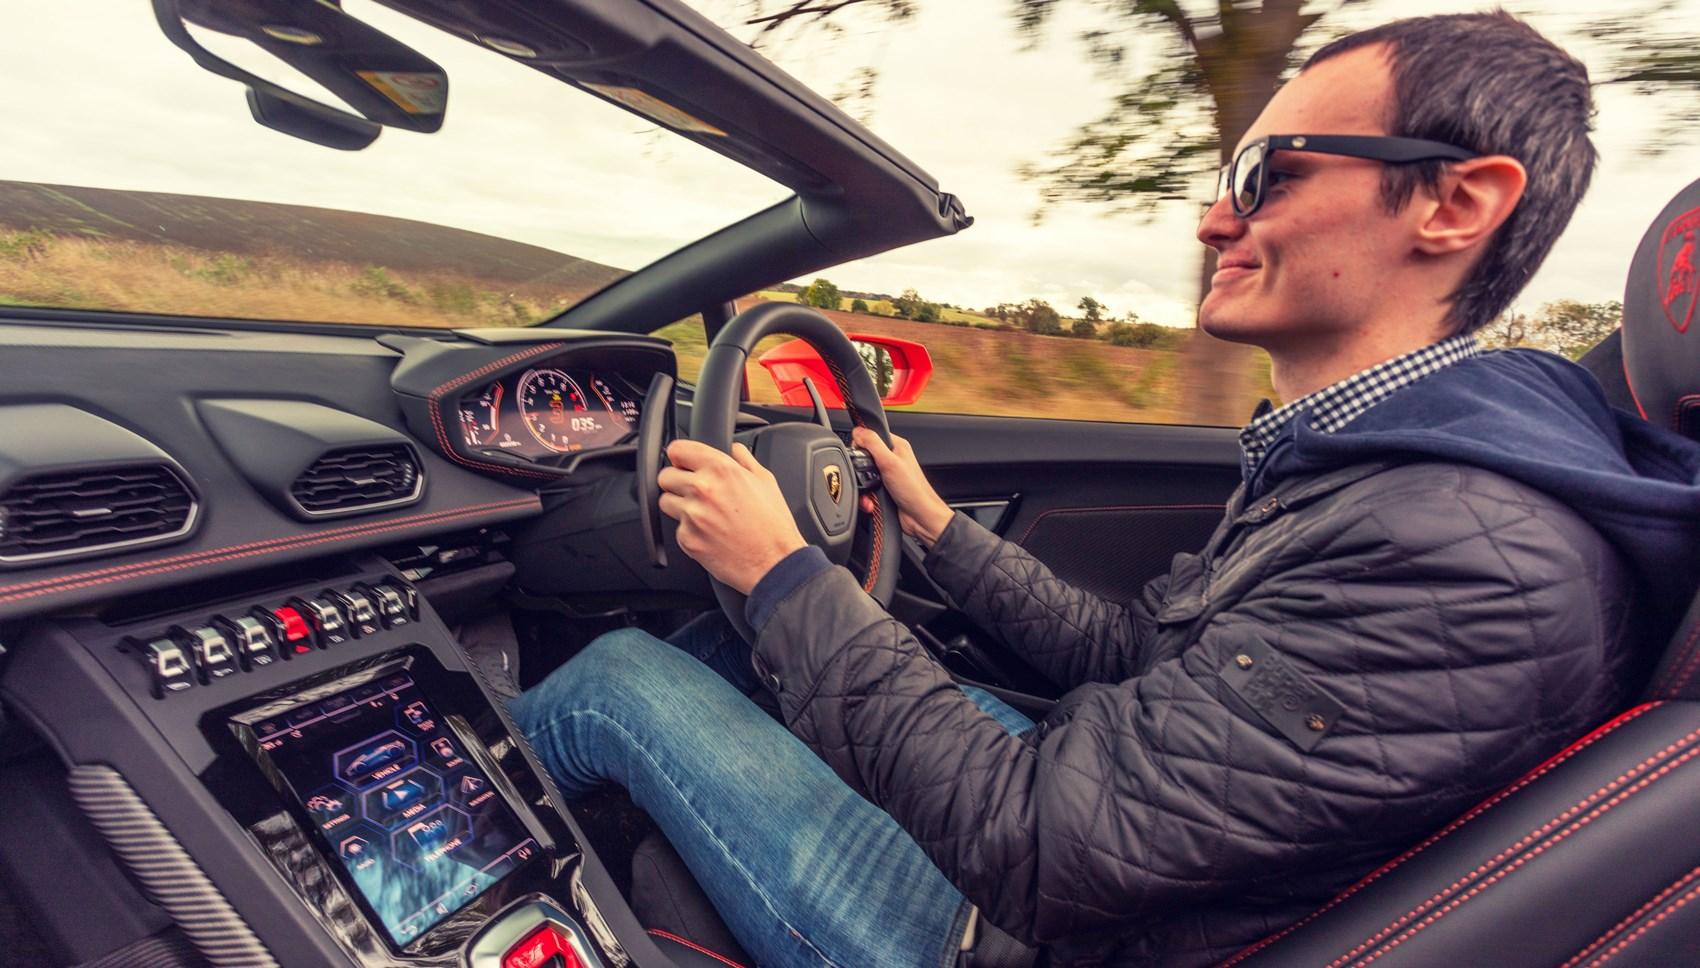 Huracan Spyder jake driving